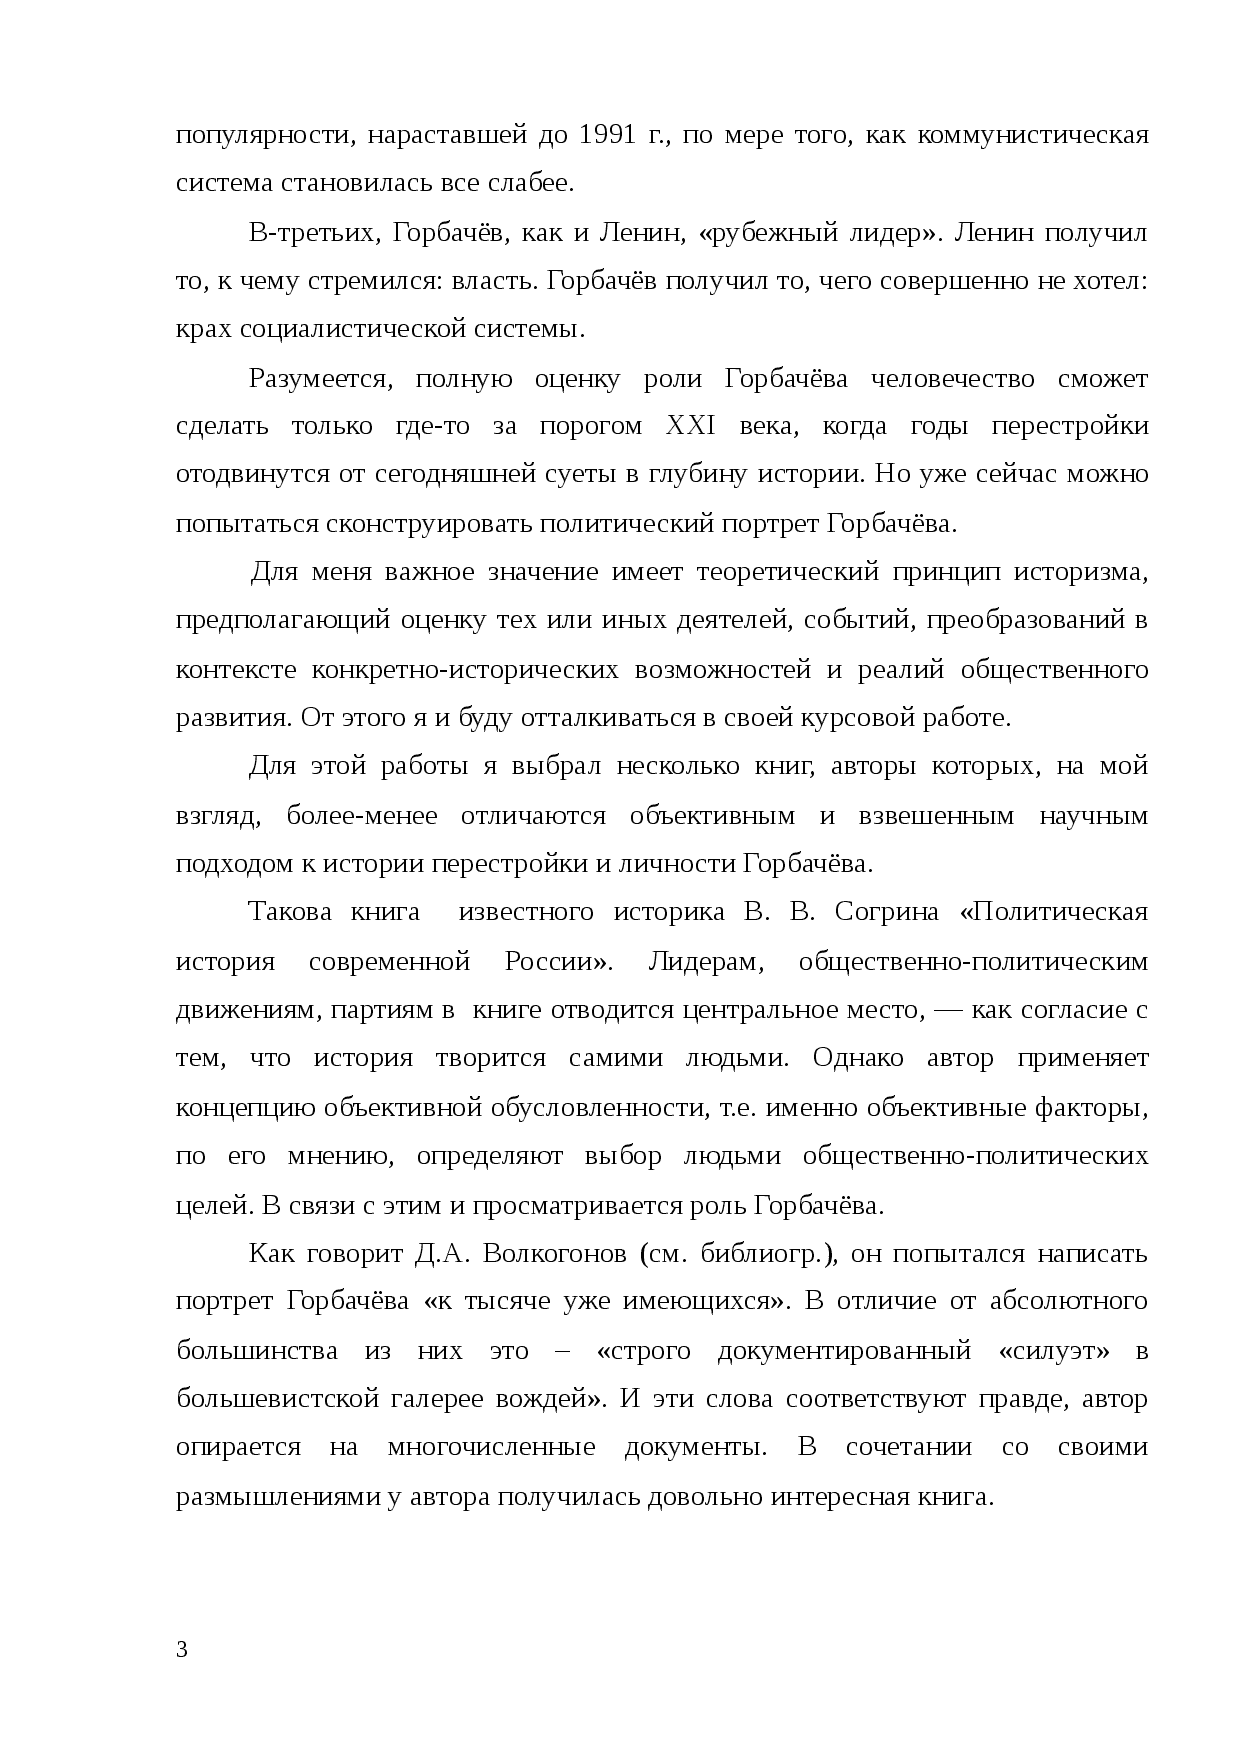 экономические реформы горбачева кратко